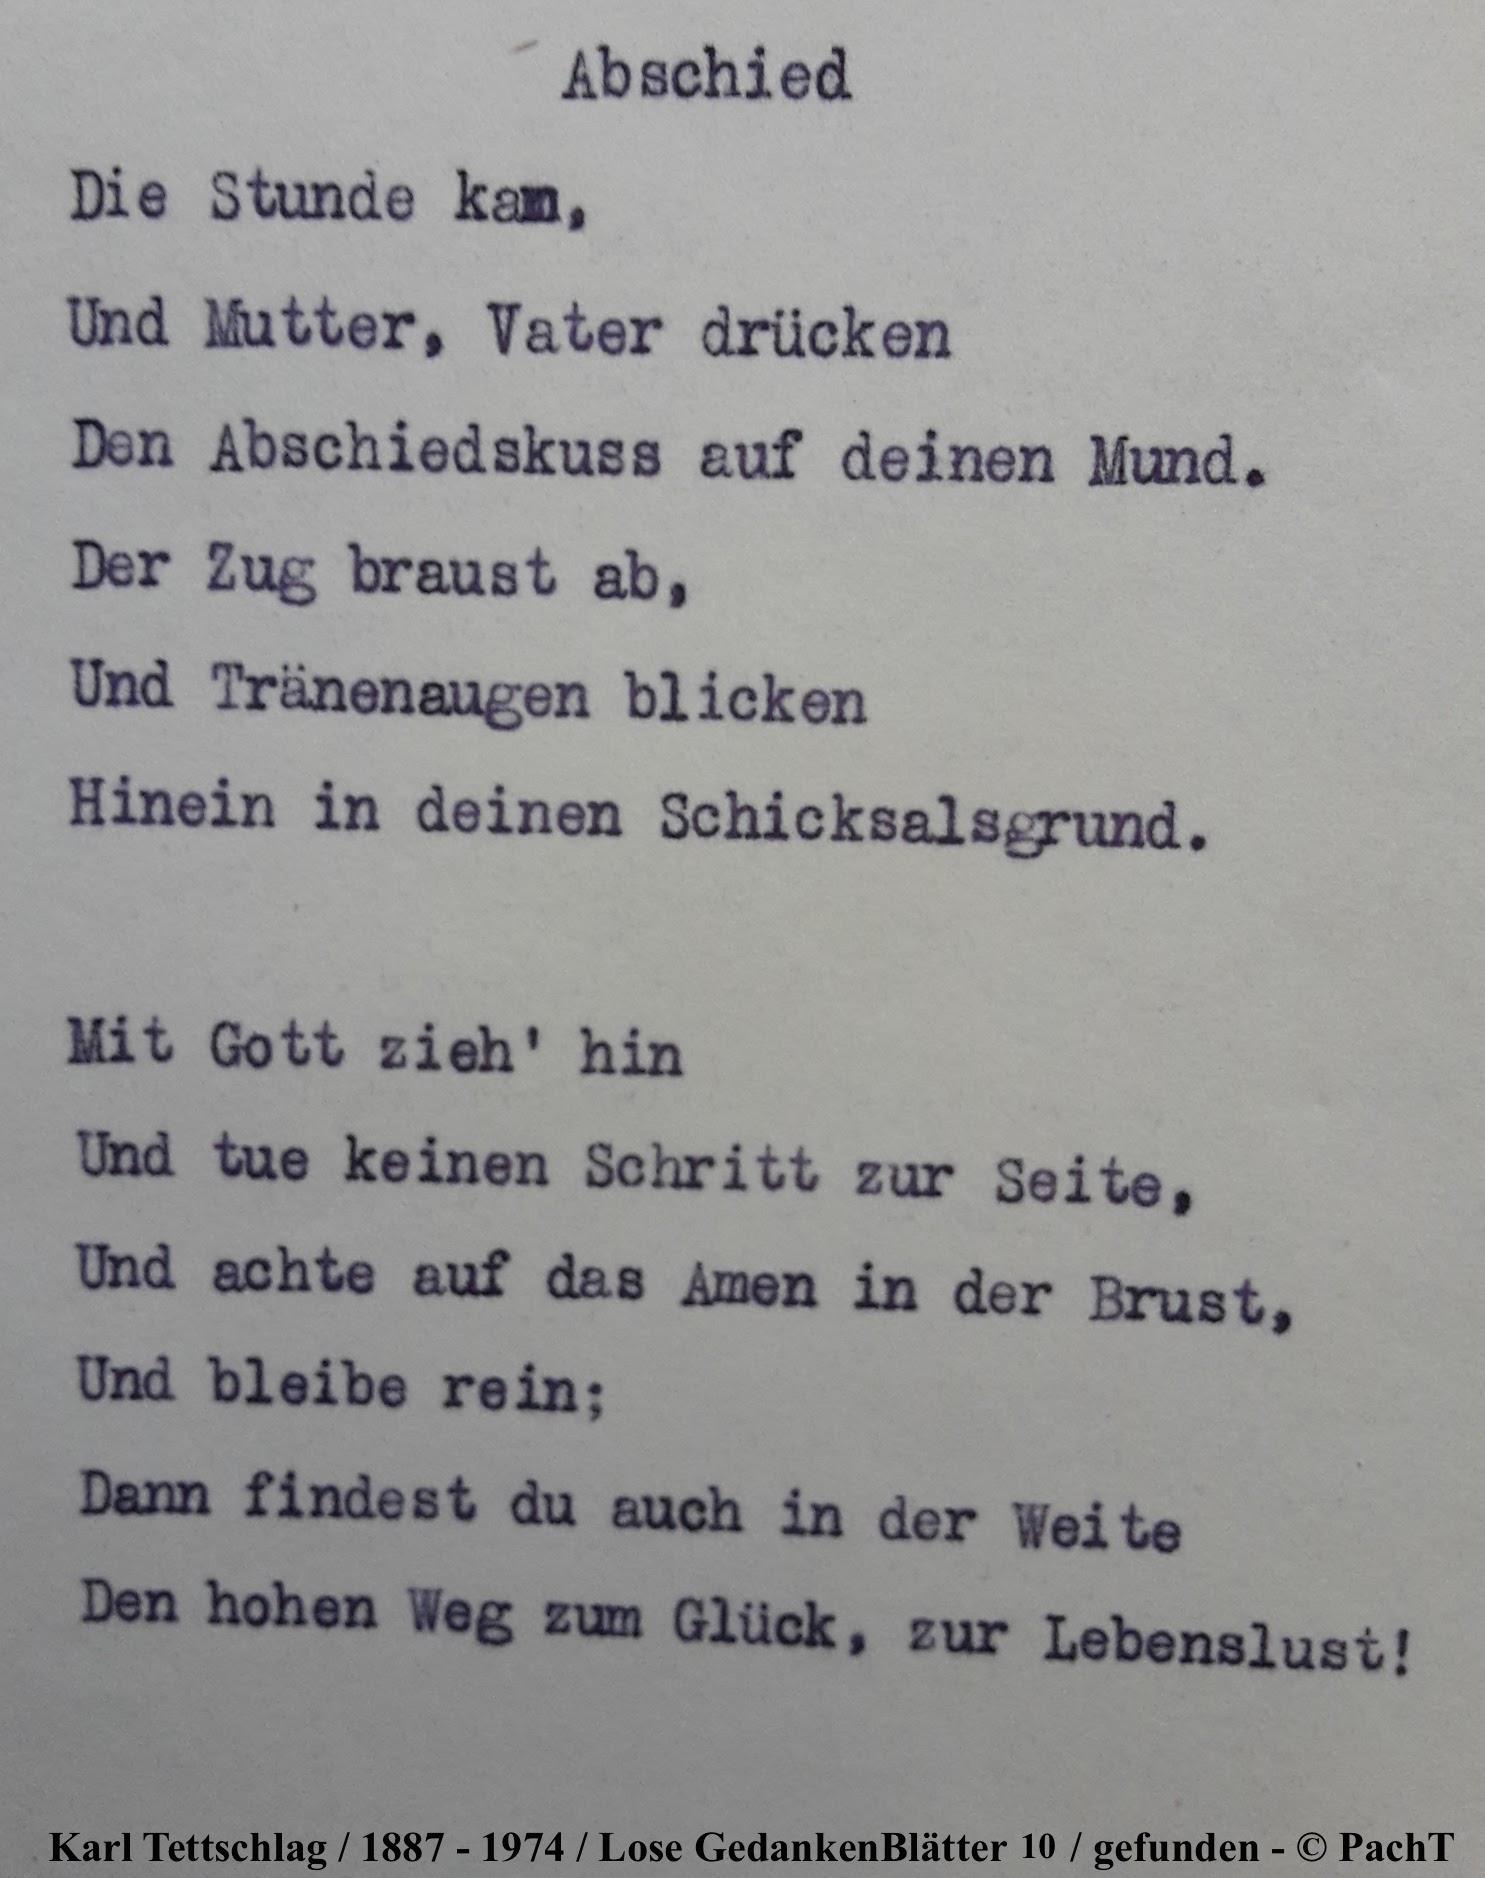 1887 - 1974 Erinnerungen an meinen Opa _ Lose GedankenBlätter 10